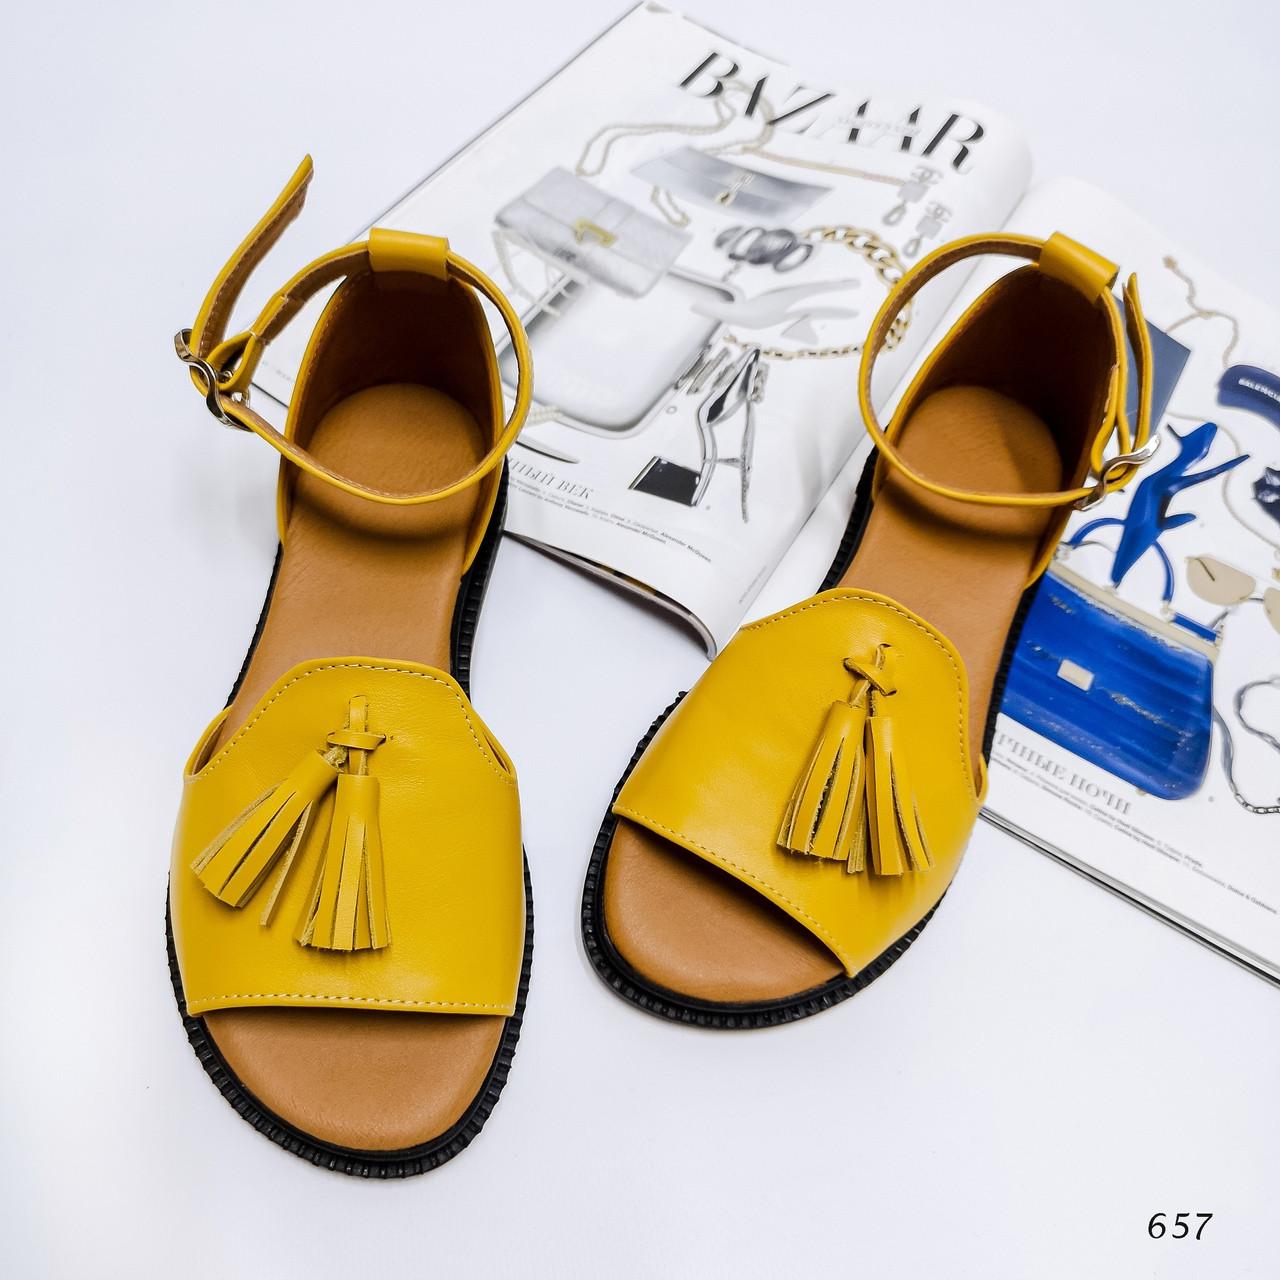 Жіночі босоніжки Za-r@ Колір - Жовтий Матеріал -Нат.Шкіра